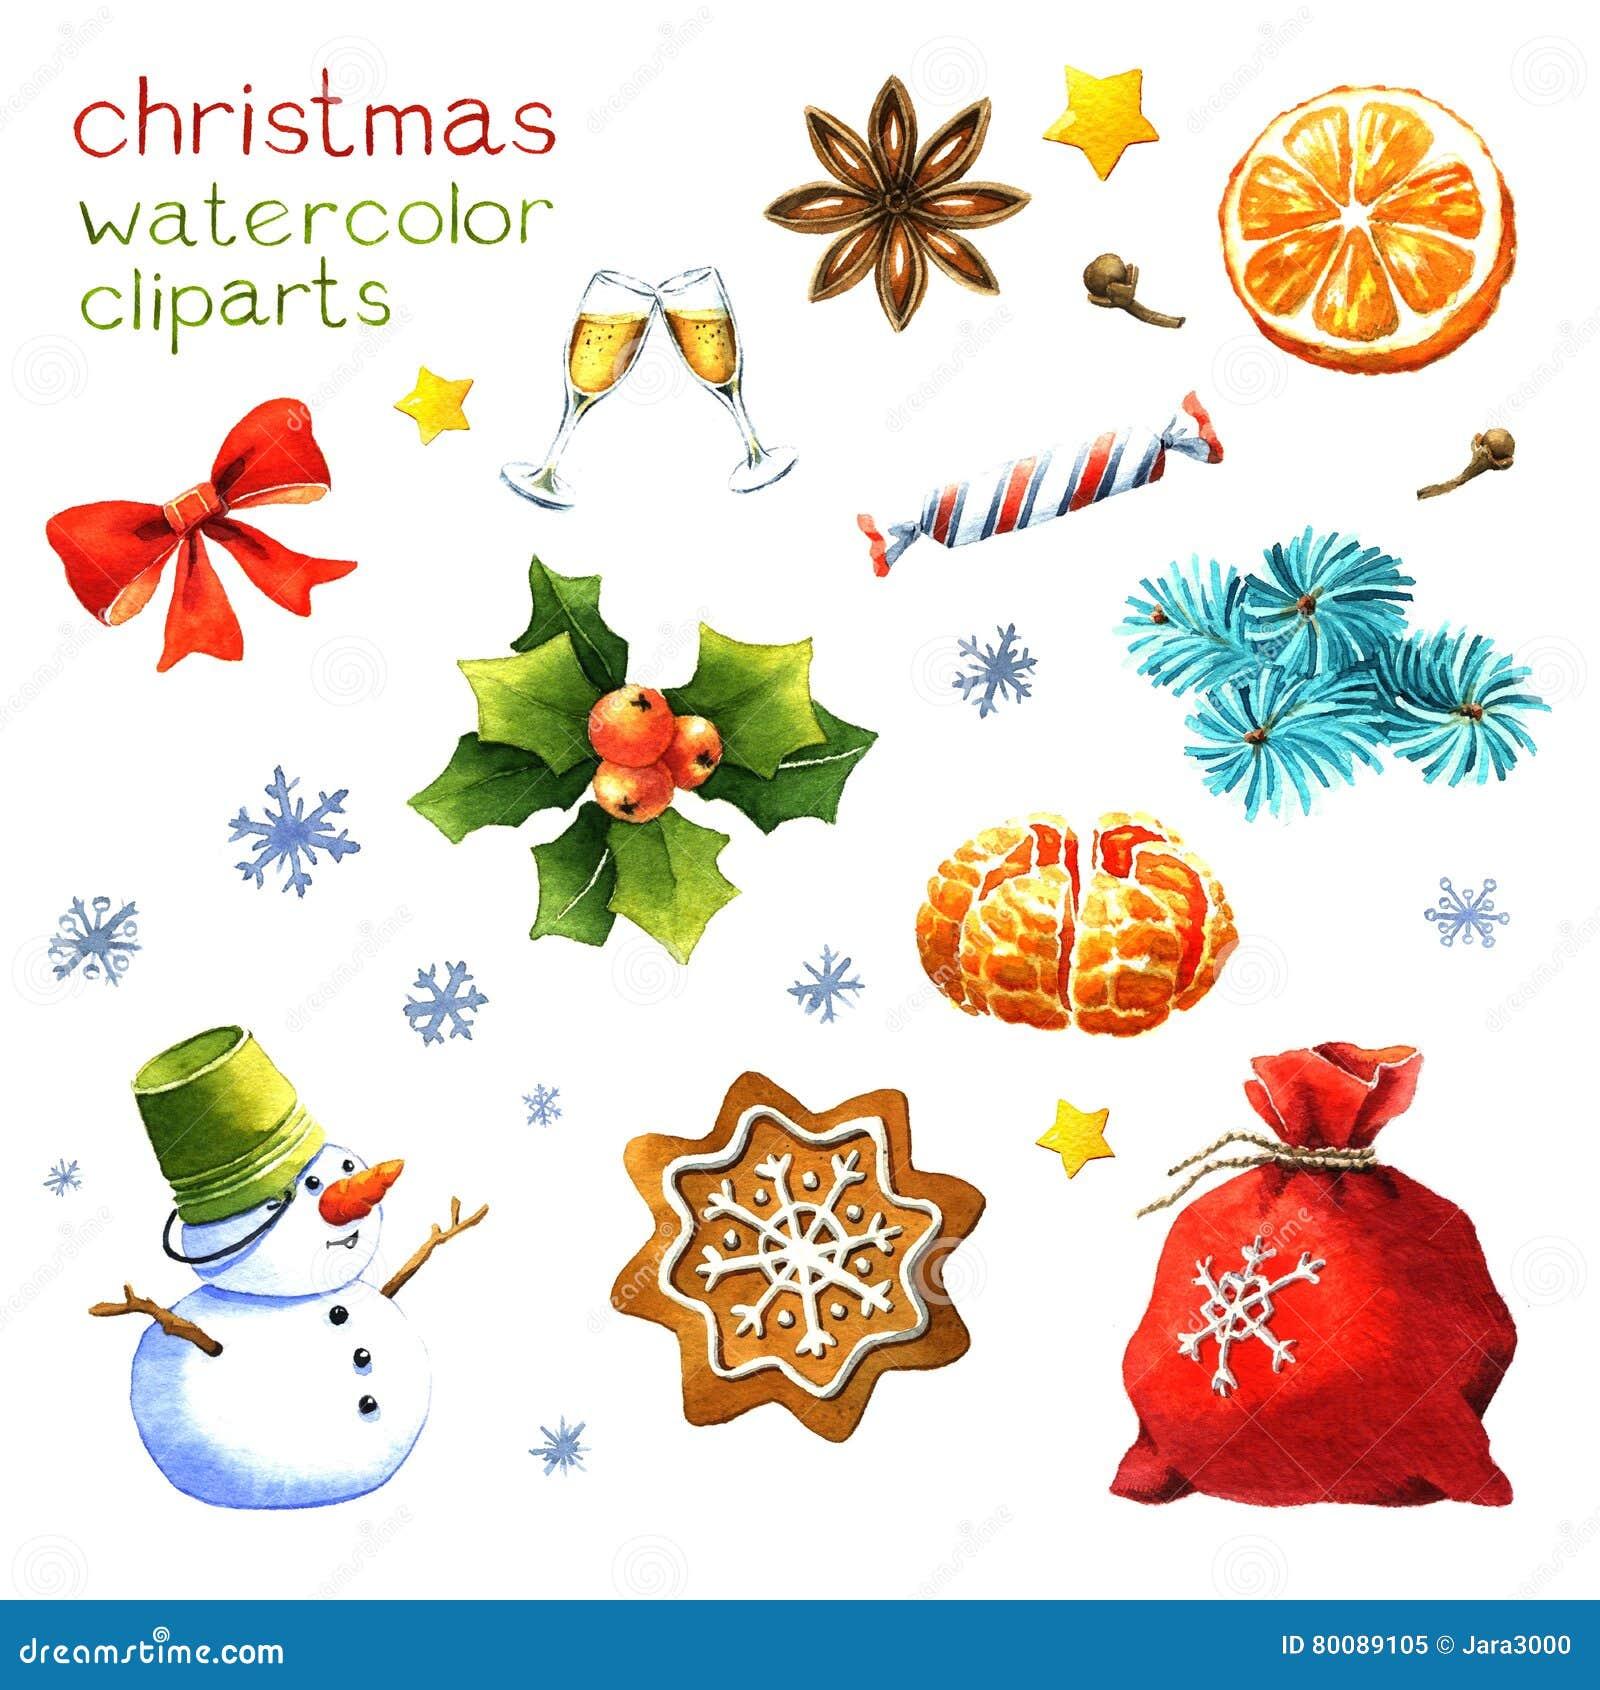 Aquarell weihnachten clipart stock abbildung illustration von scheibe pl tzchen 80089105 - Aquarell weihnachten ...